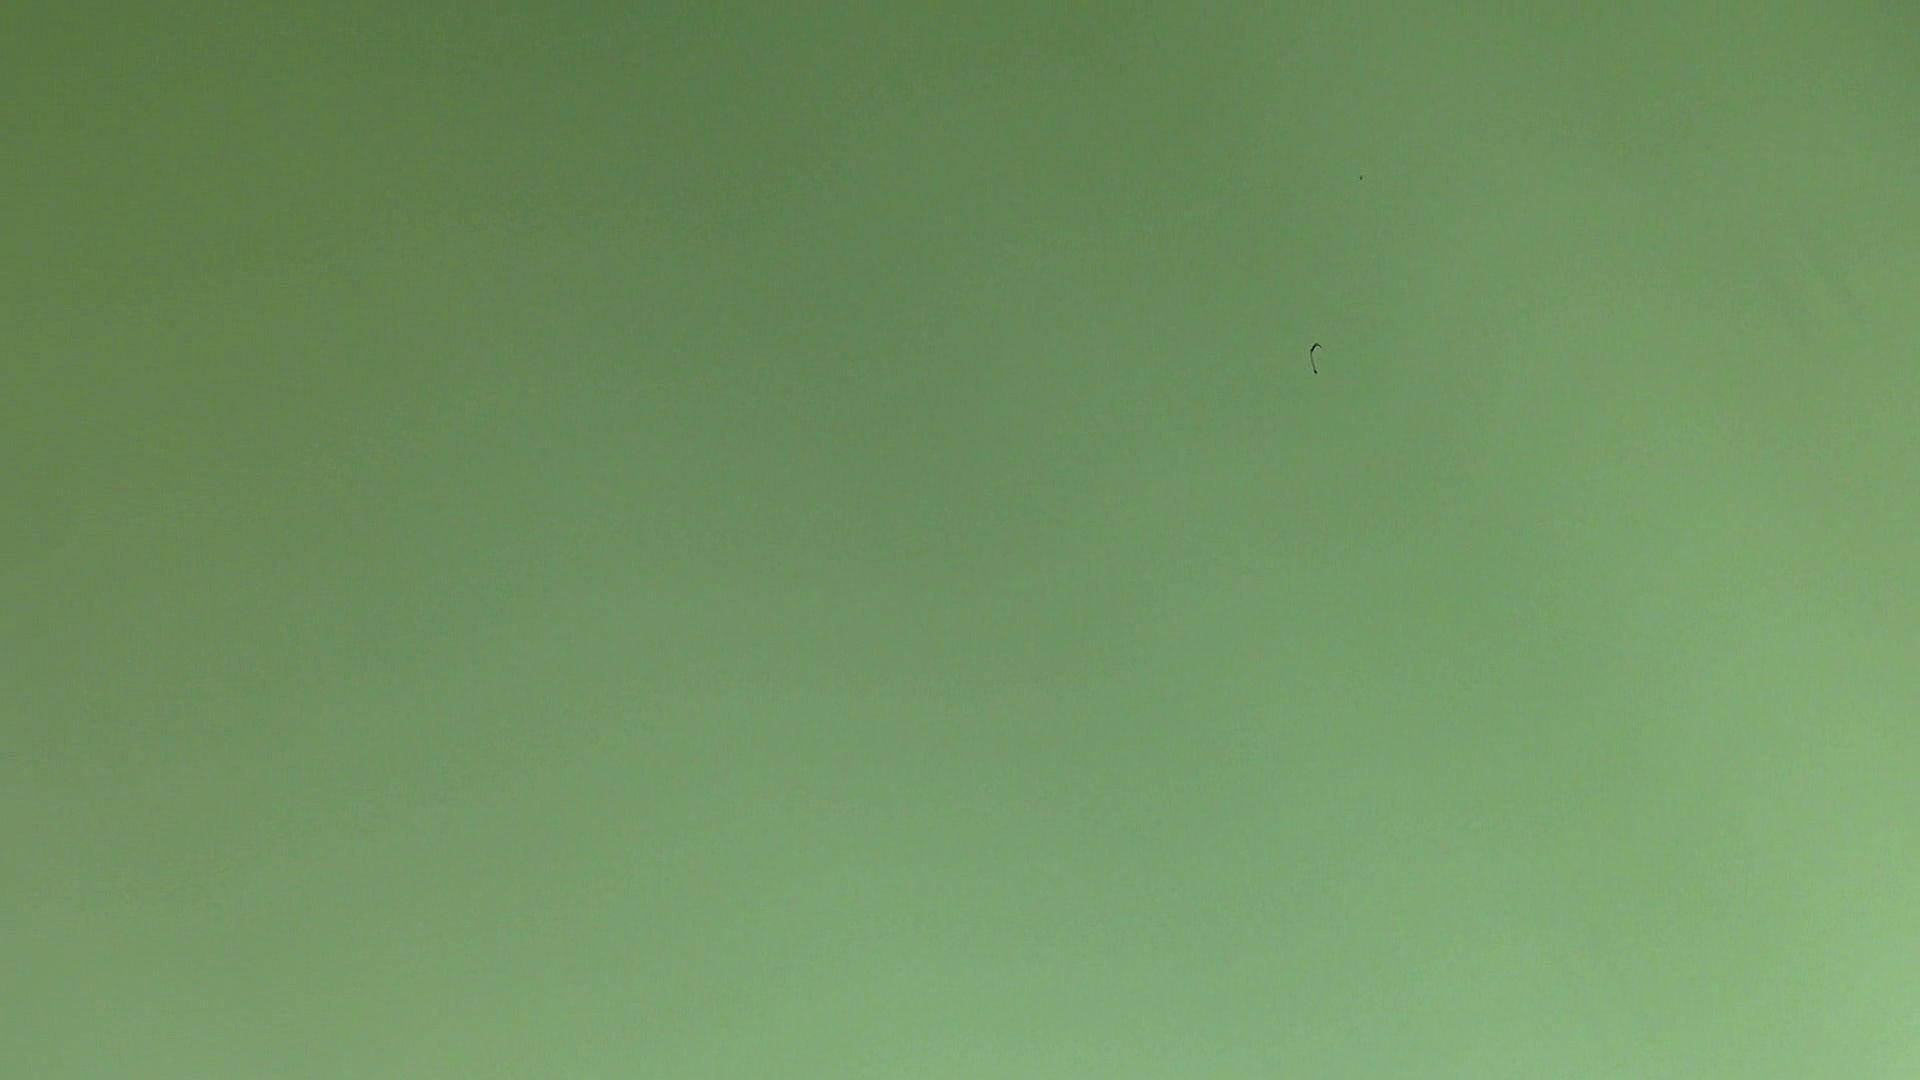 上級者の方専用 vol.03 OLセックス | 0  82画像 21